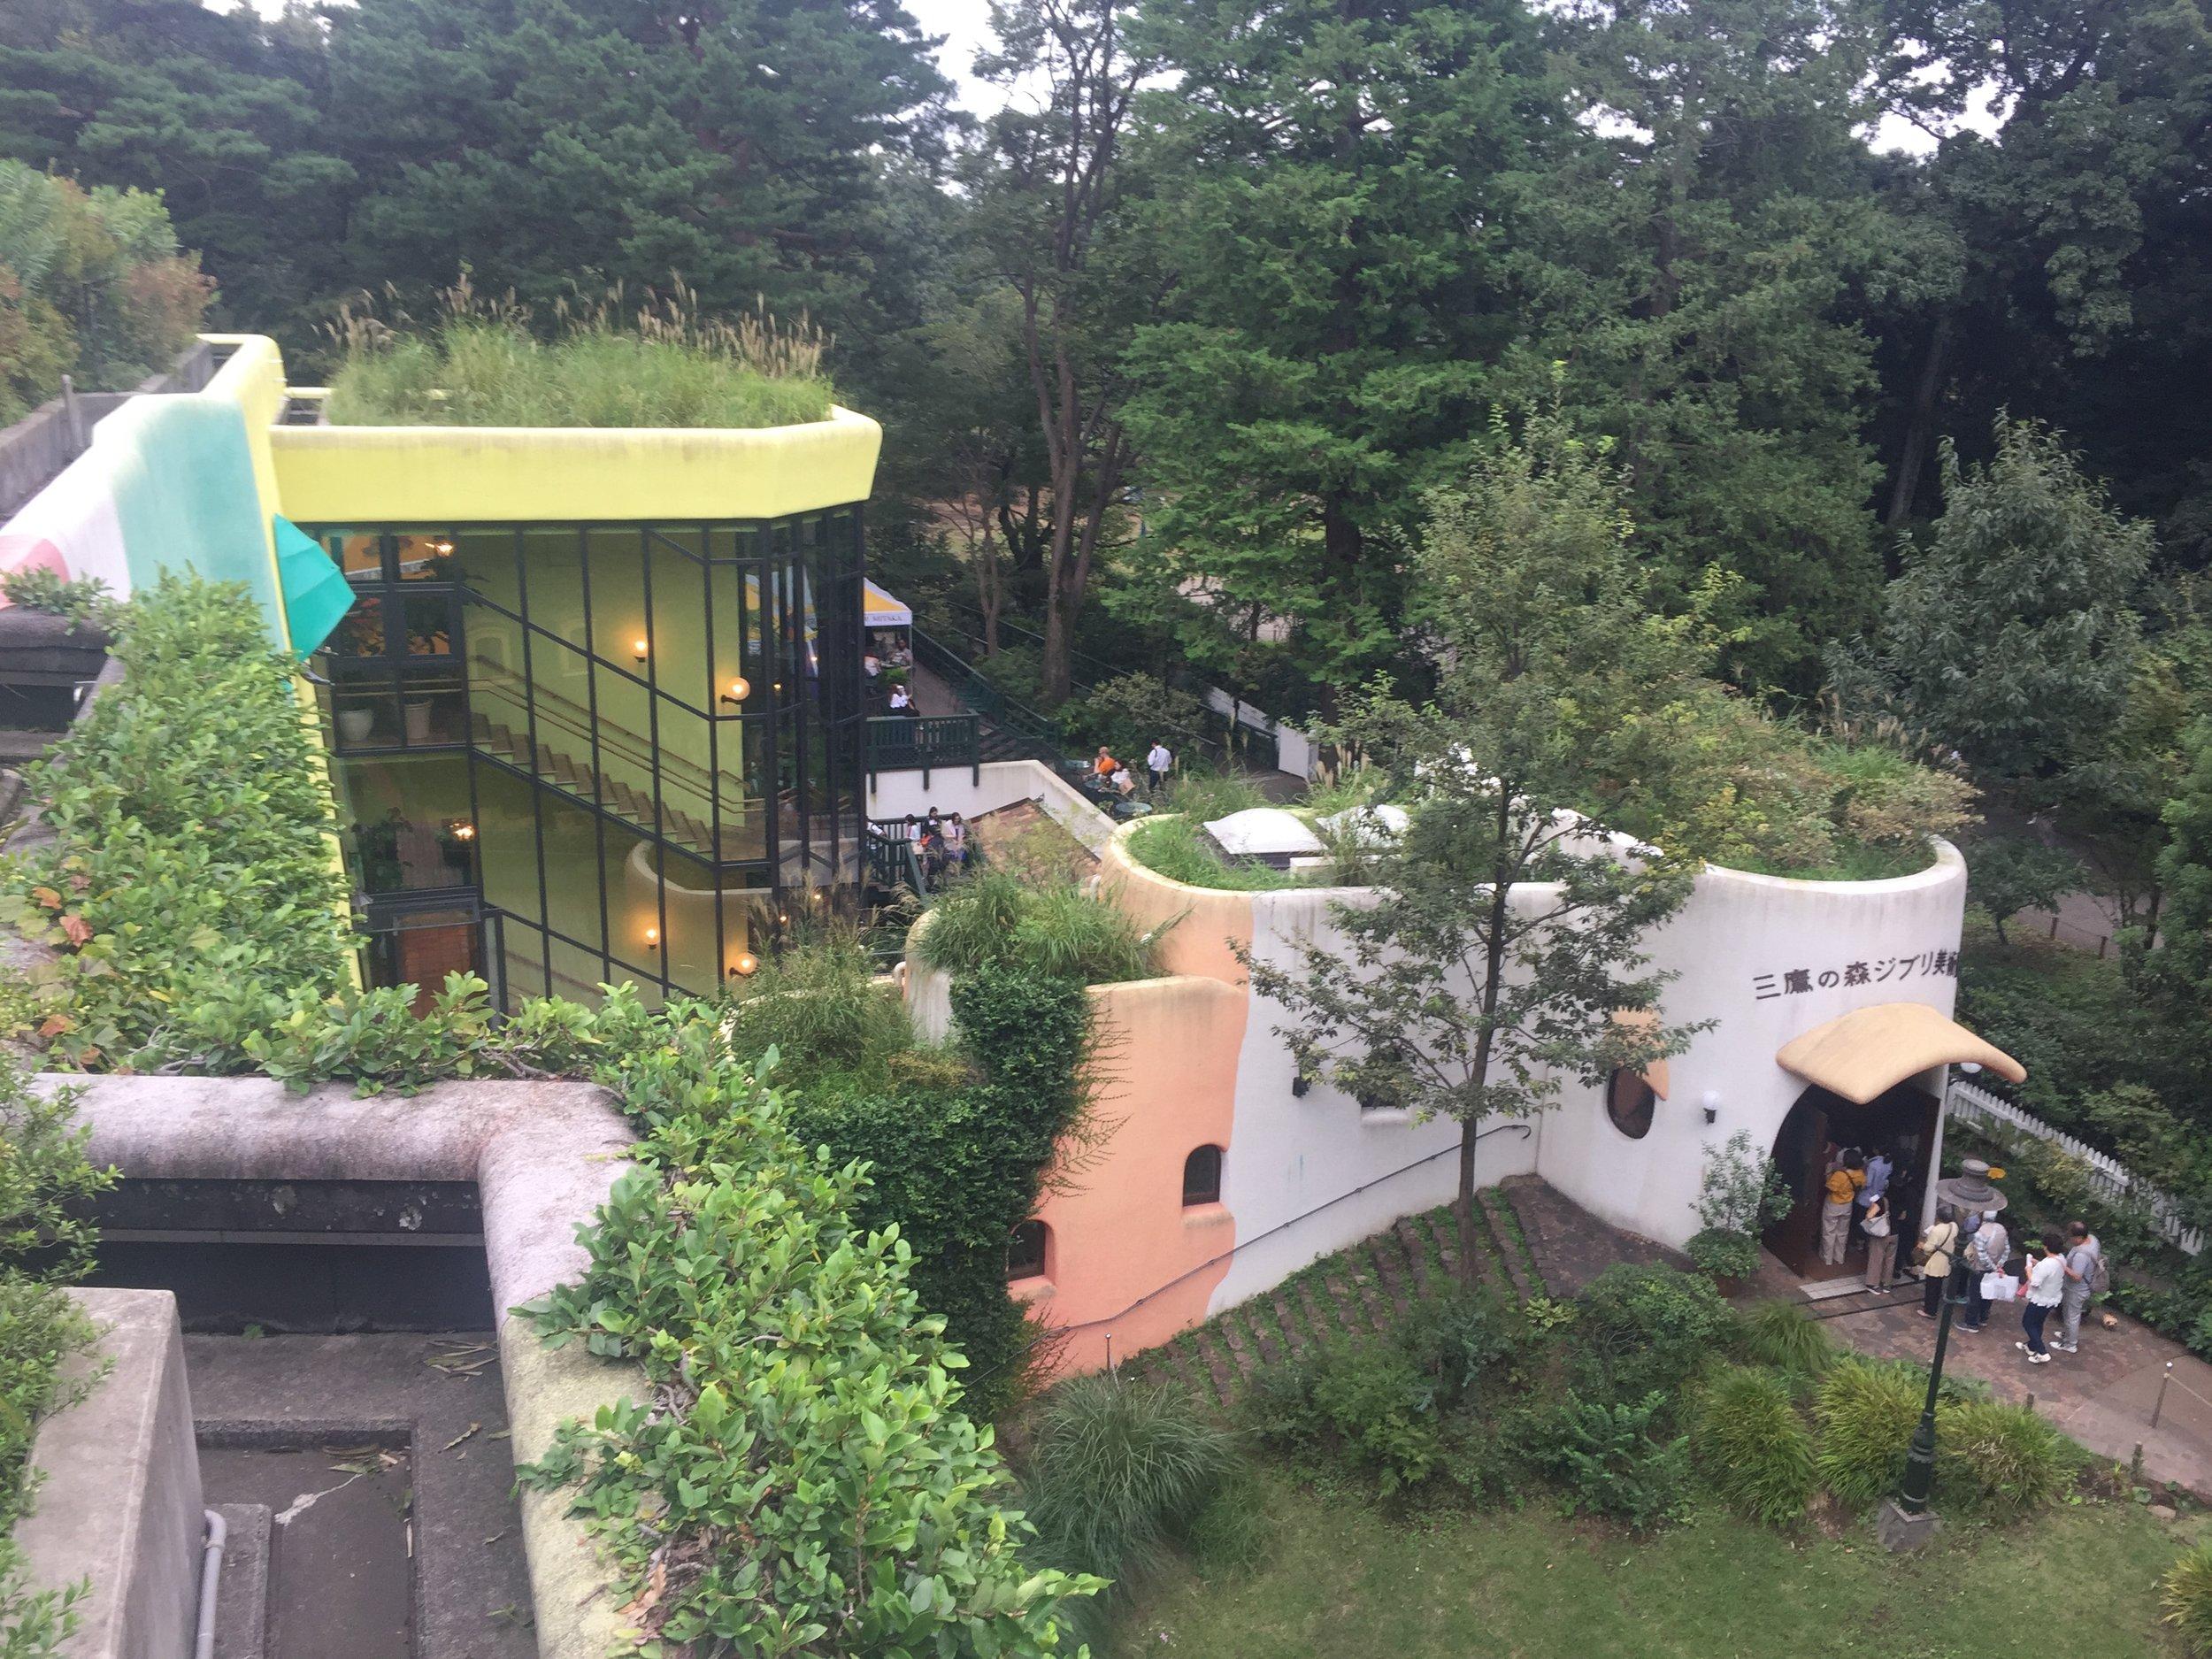 Studio Ghibi Museum, Tokyo